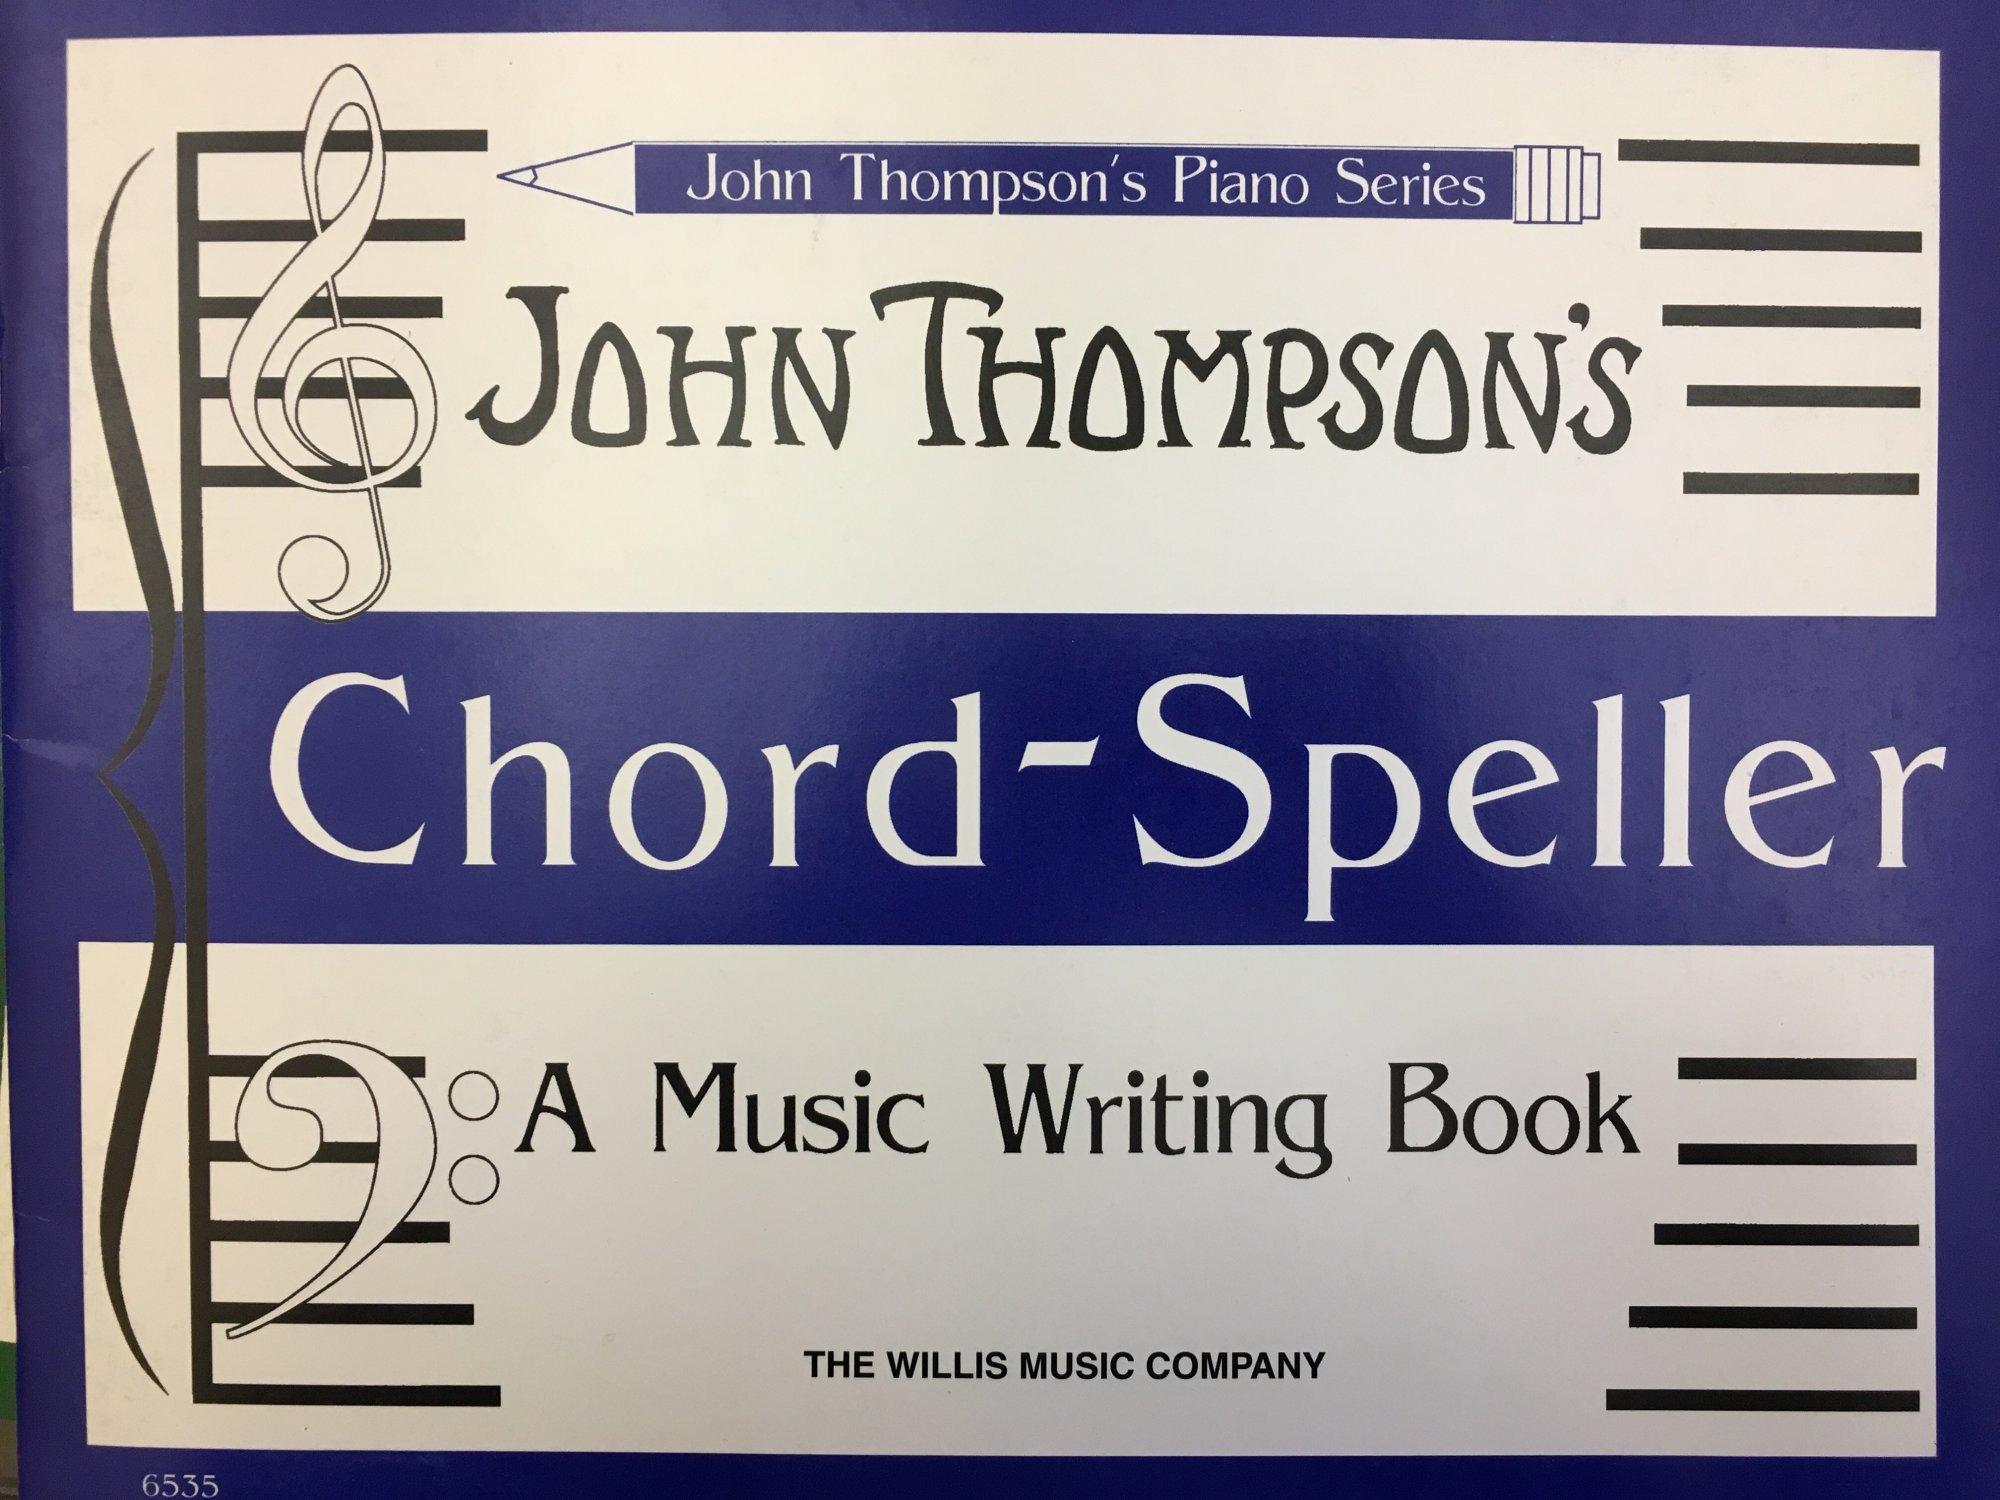 John Thompson's Piano Series Chord-Speller